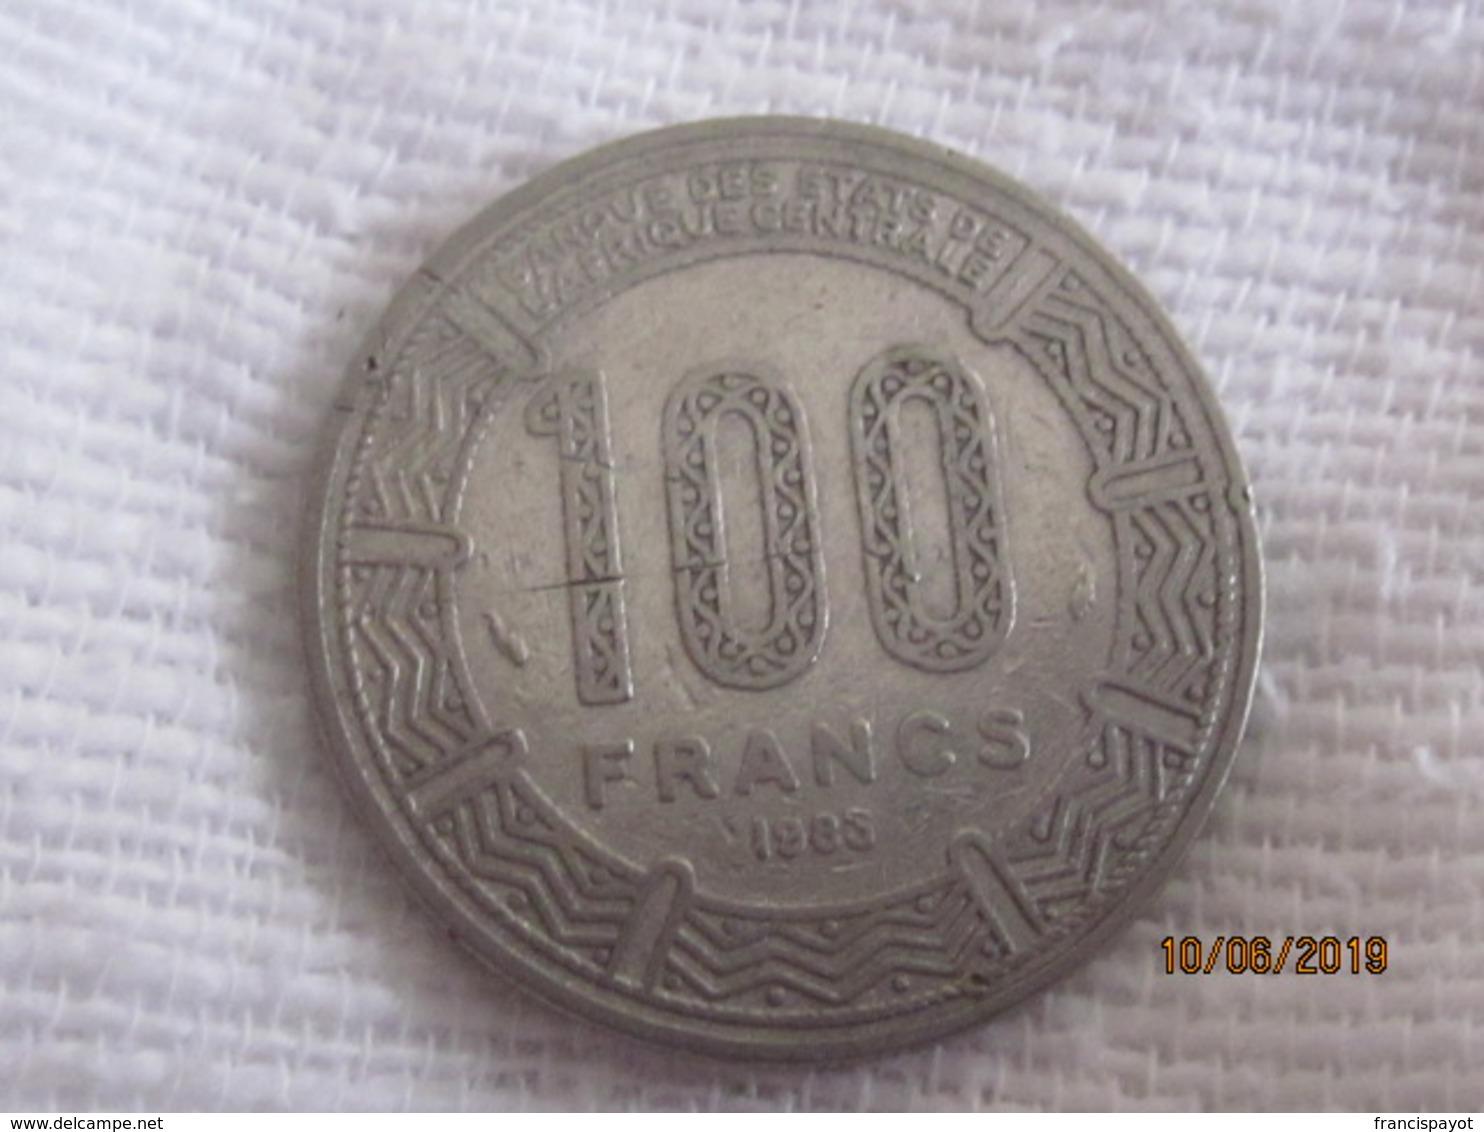 Congo-Brazzaville: 100 Francs 1983 - Congo (Repubblica 1960)